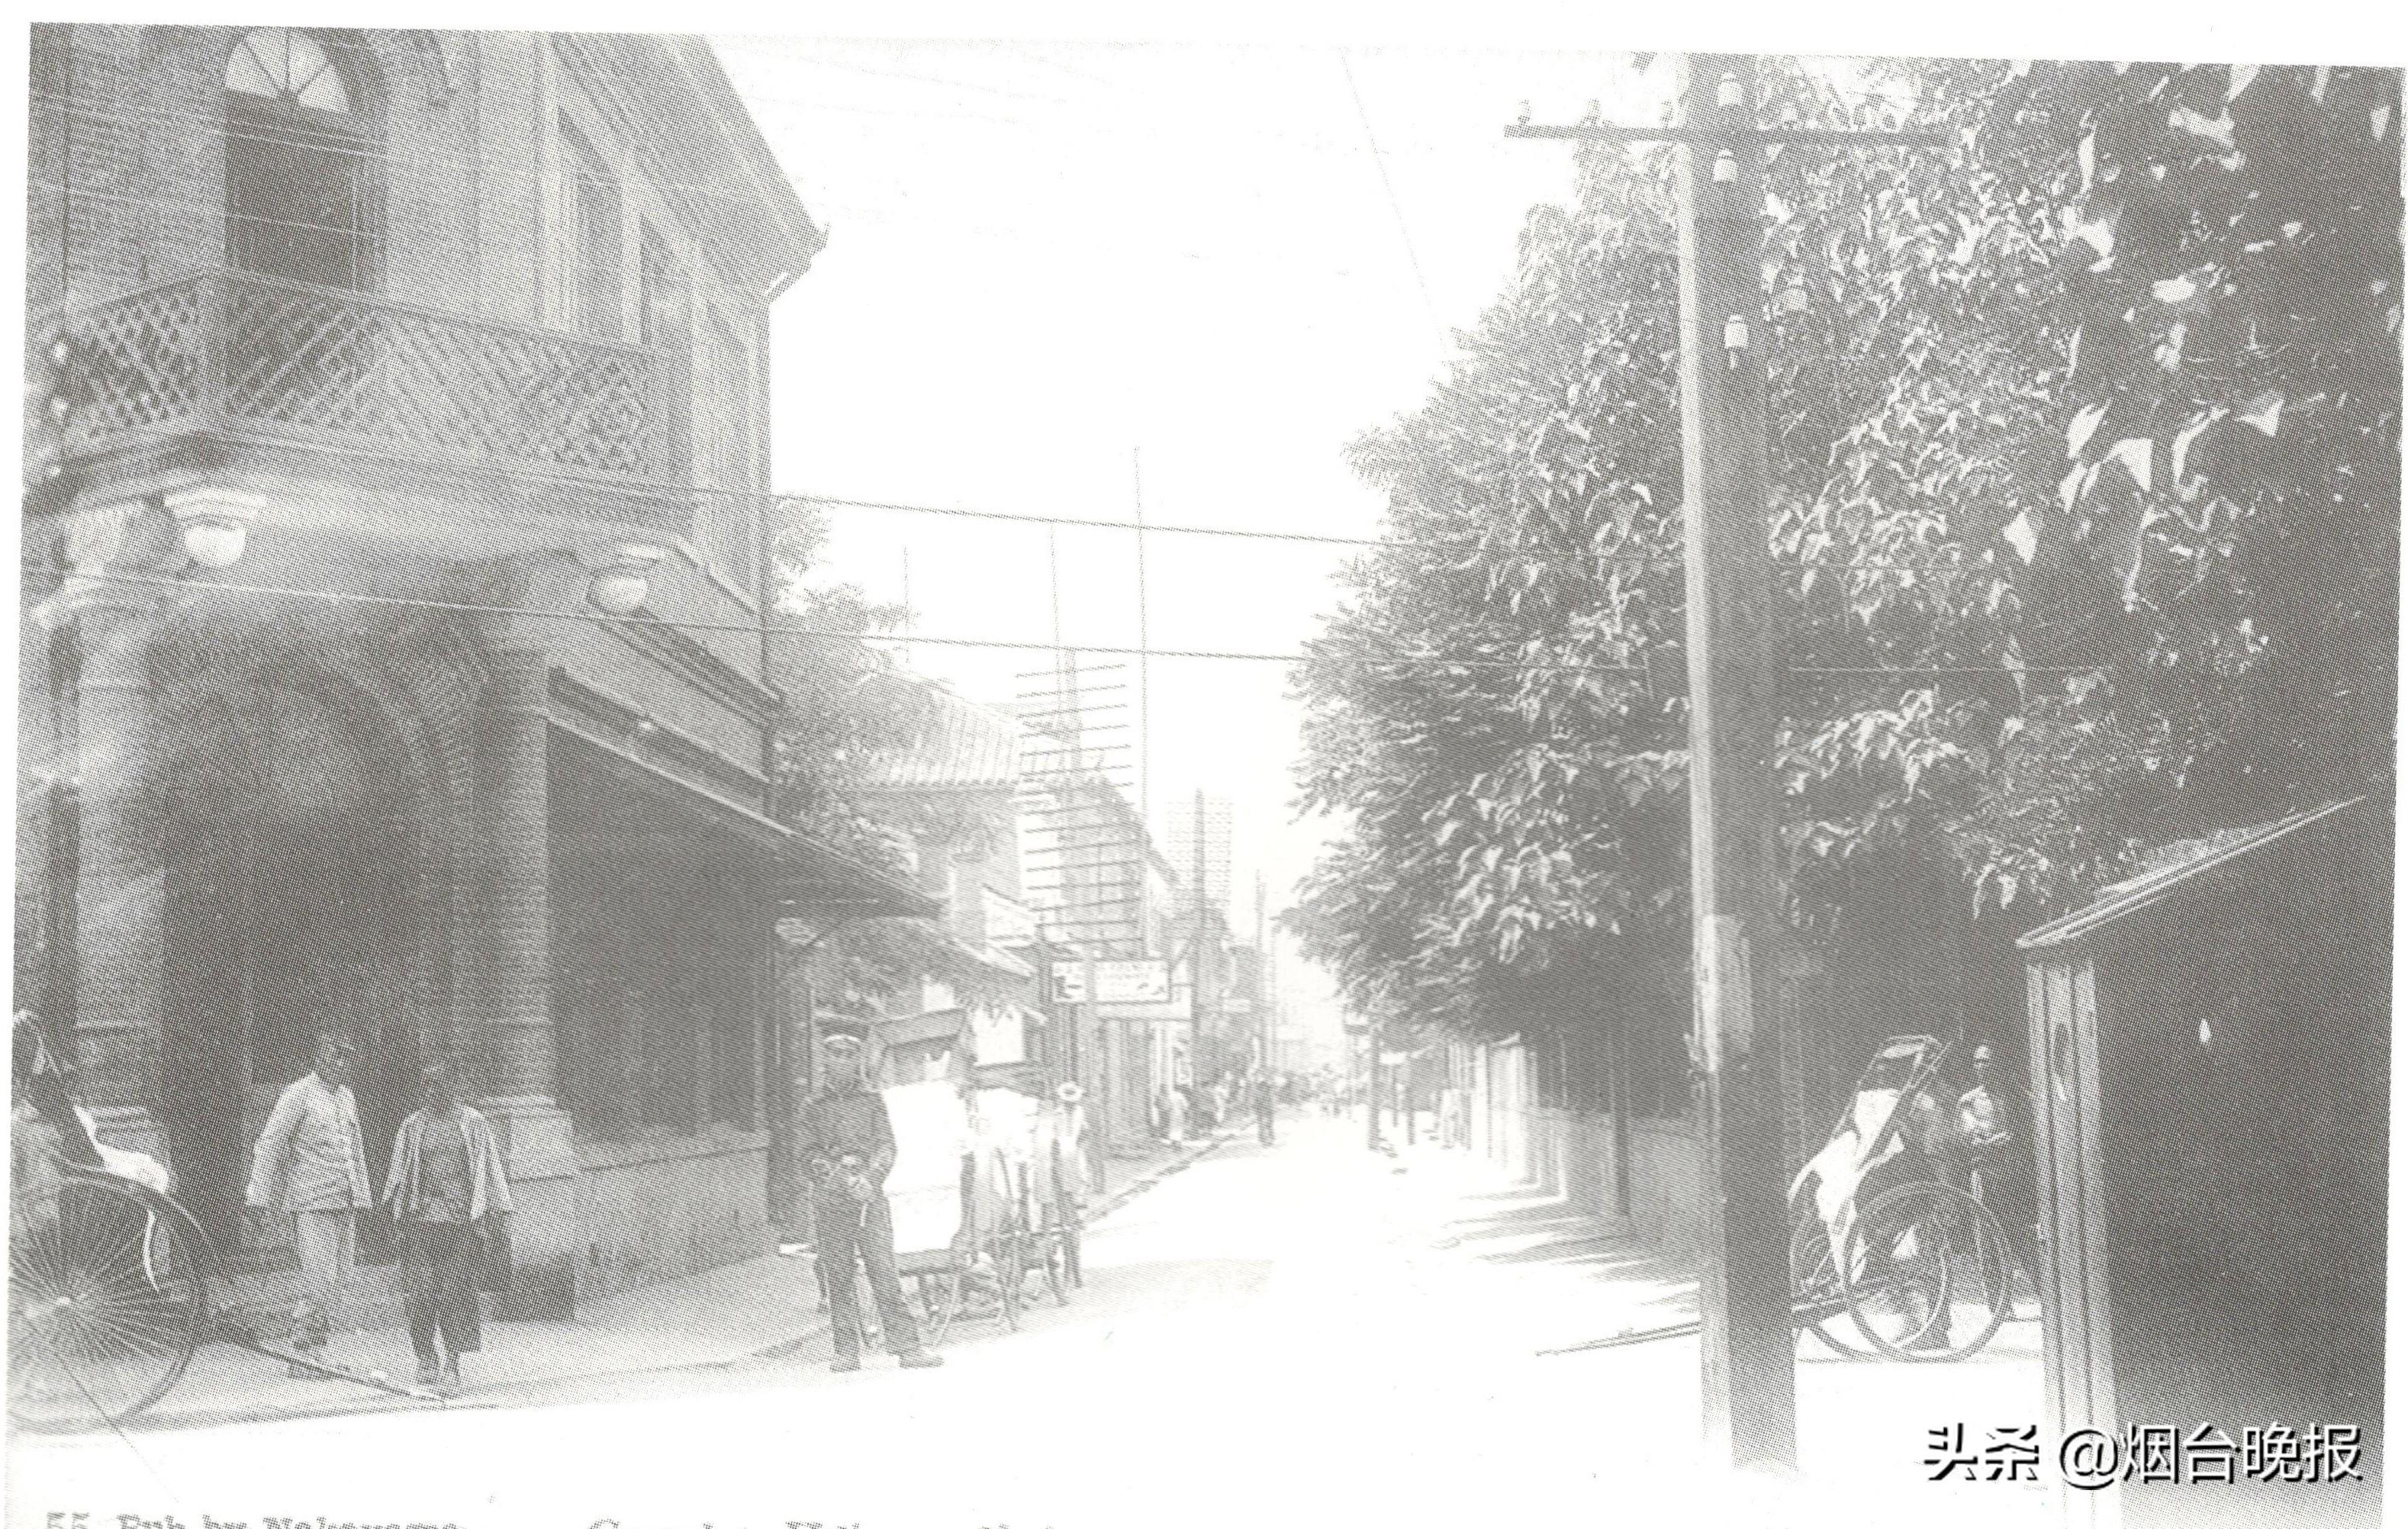 老街新生:昔日朝阳街,如今焕新颜